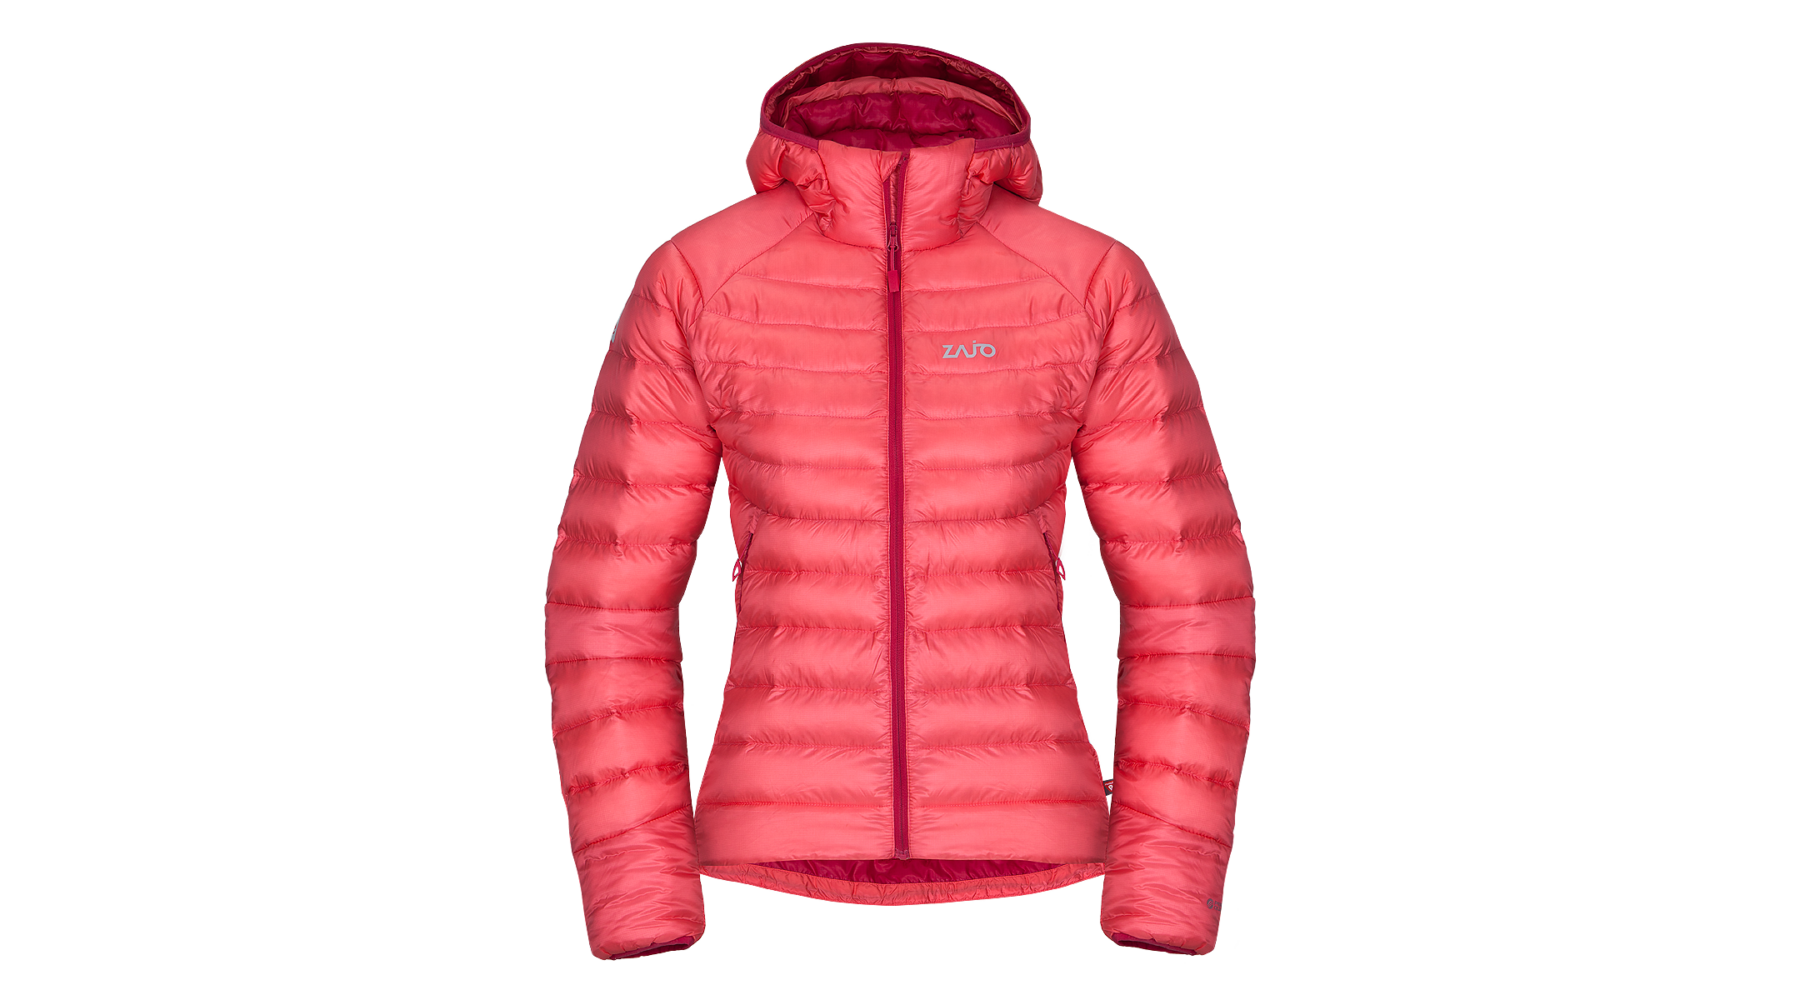 c6098e7d6f Zajo Livigno W Jkt pehely/Primaloft női kabát, coral - a-Wear Sport -  Roller, kerékpár, bukósisak, túraruházat